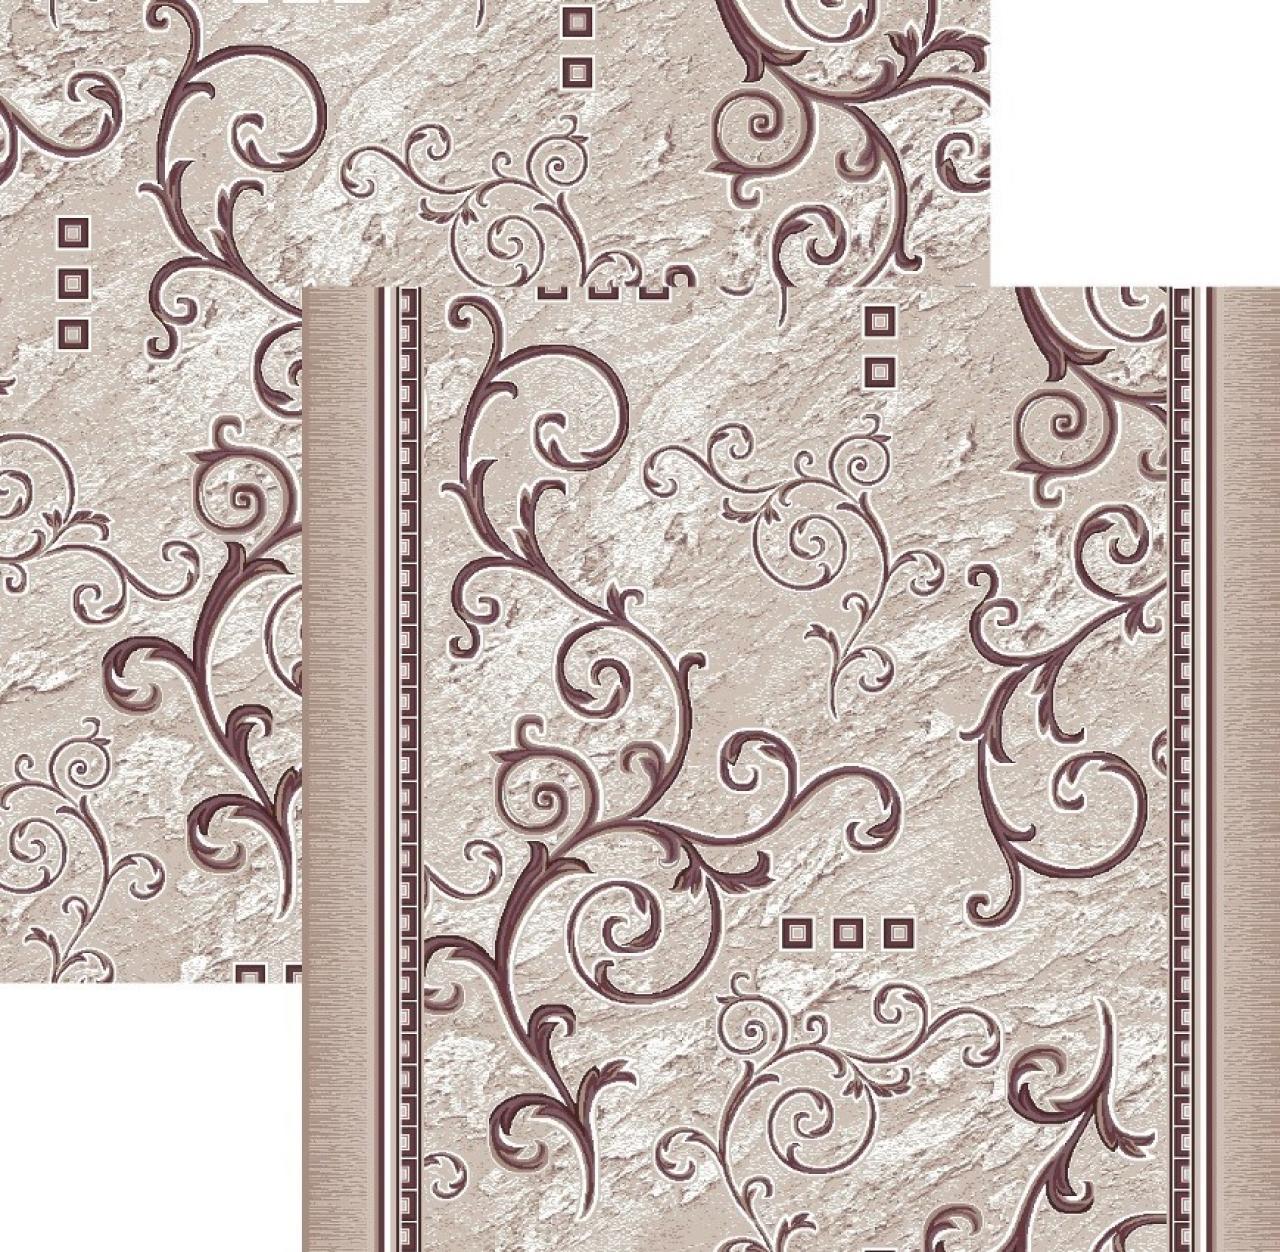 Ковровая дорожка p1612a5r - 93 - коллекция принт 8-ми цветная дорожка